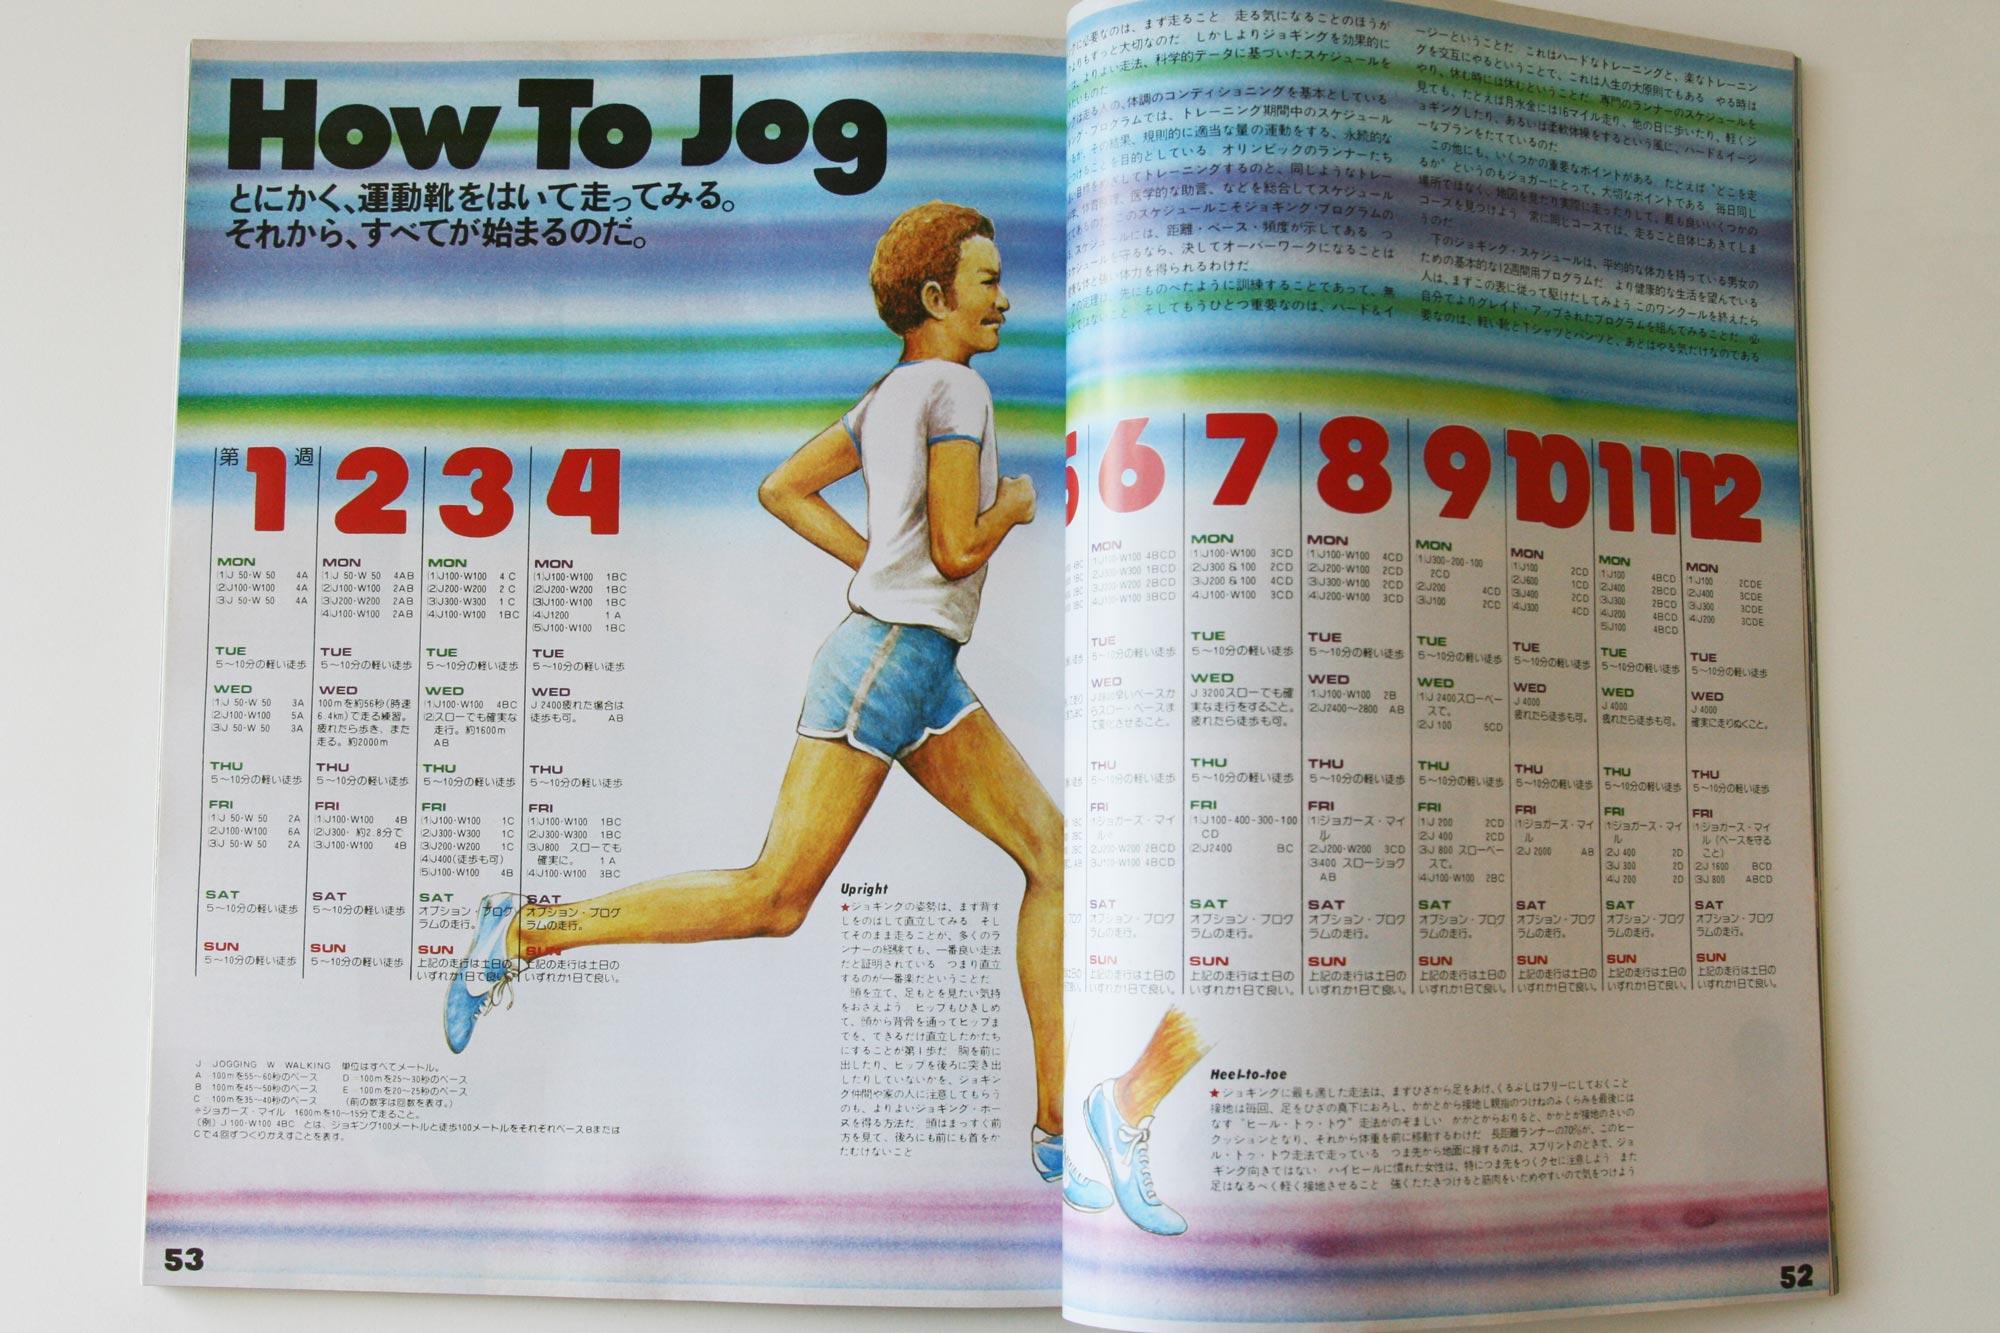 popeye-how-to-jog_4567